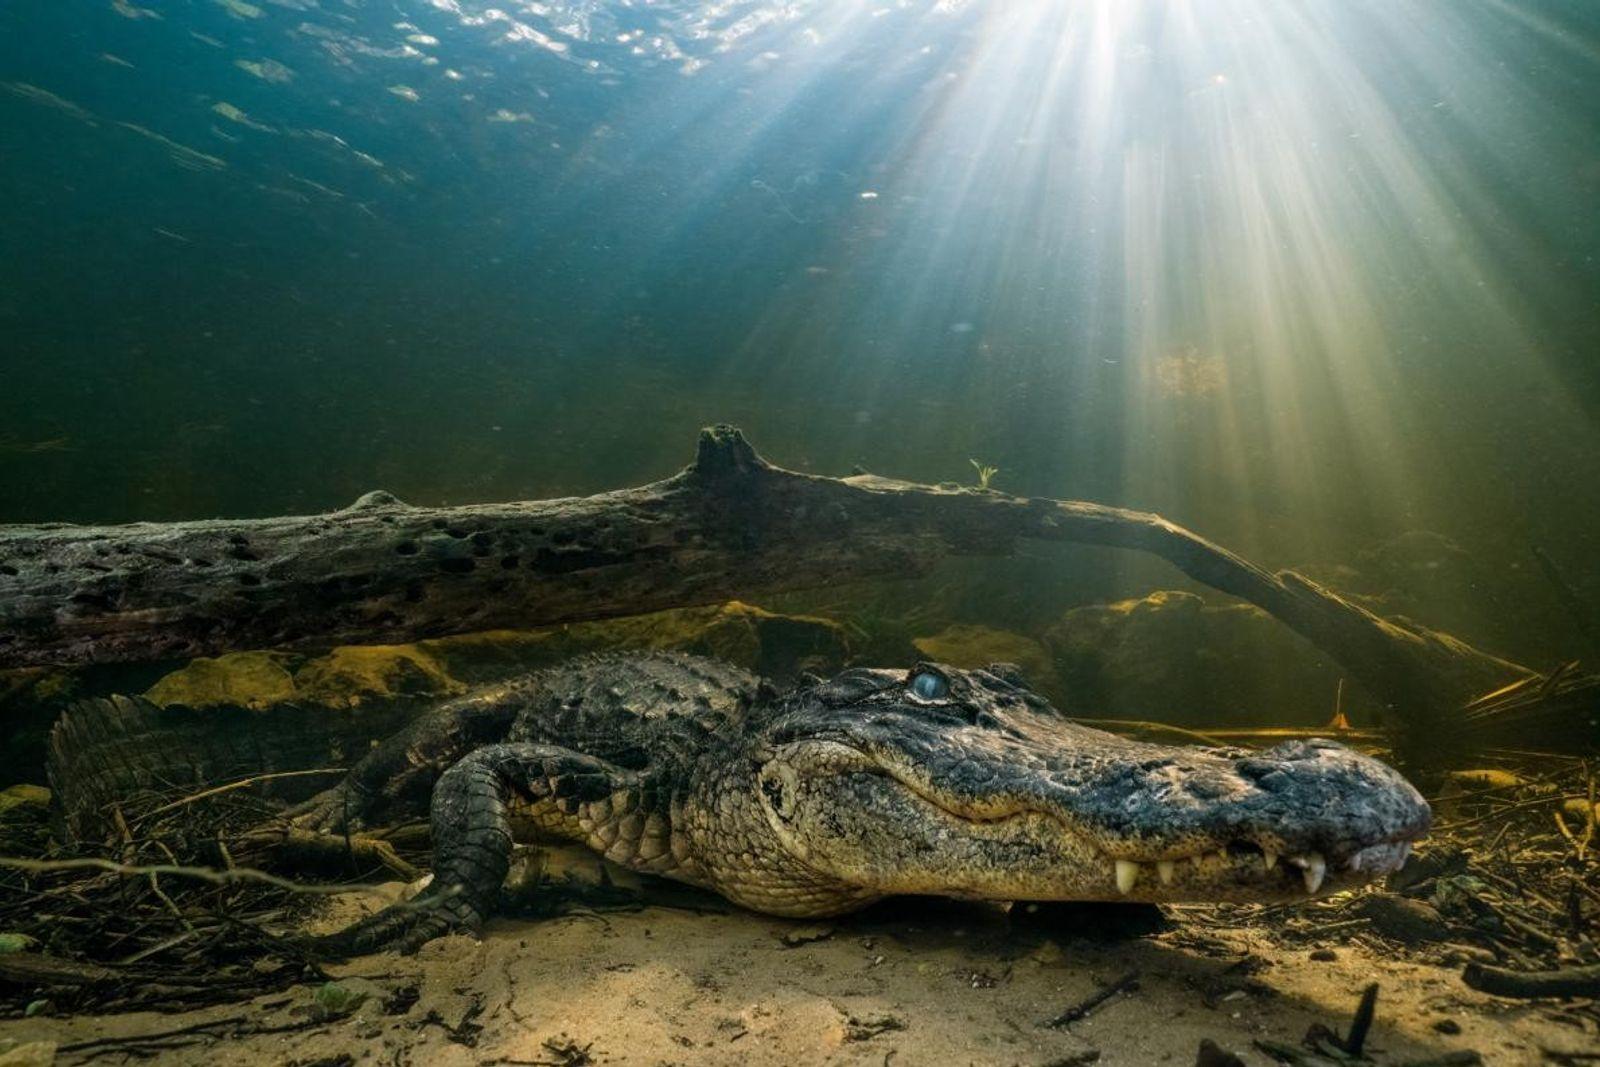 Un alligator d'Amérique est à l'affût au fond d'un marécage de cyprès chauves, dans le nord ...